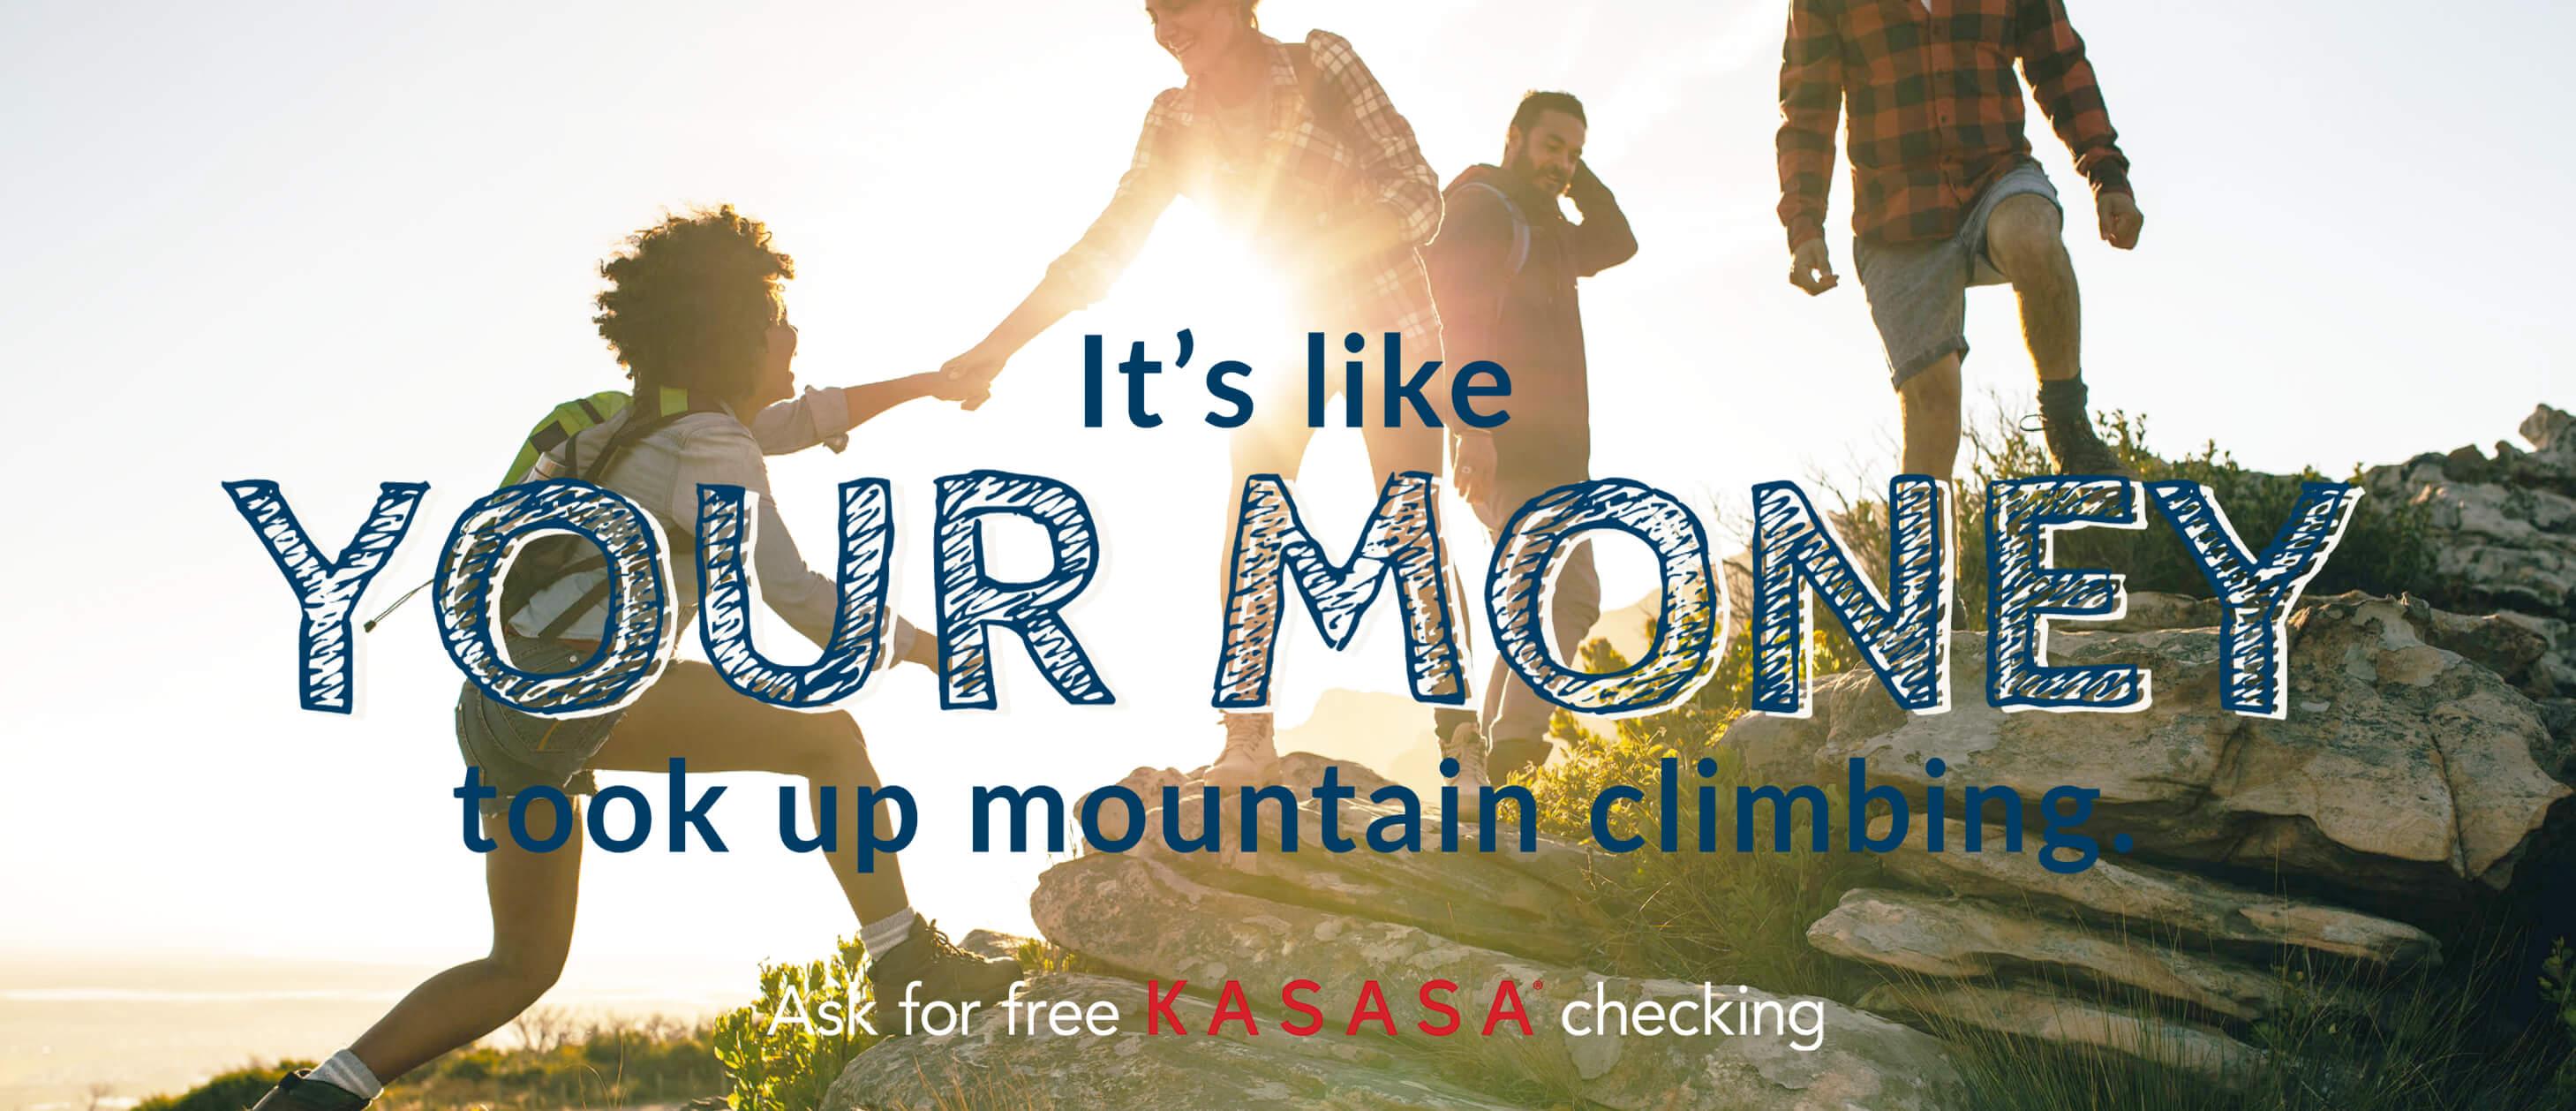 Kasasa - Mountain Climbing